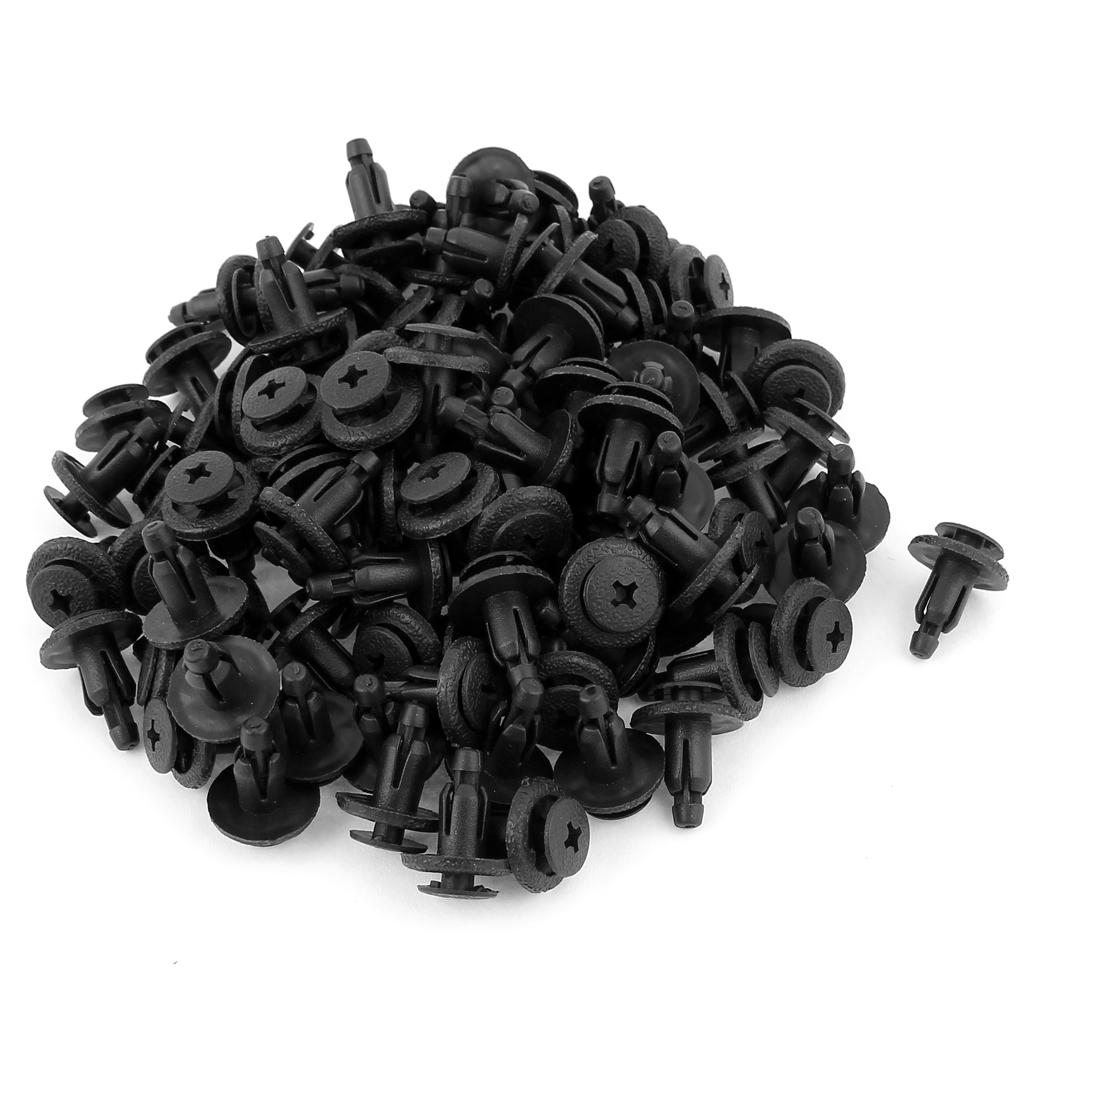 100 Pcs Black Plastic Push in Car Bumper Fender Door Rivets Retainer Clip 7mm Hole